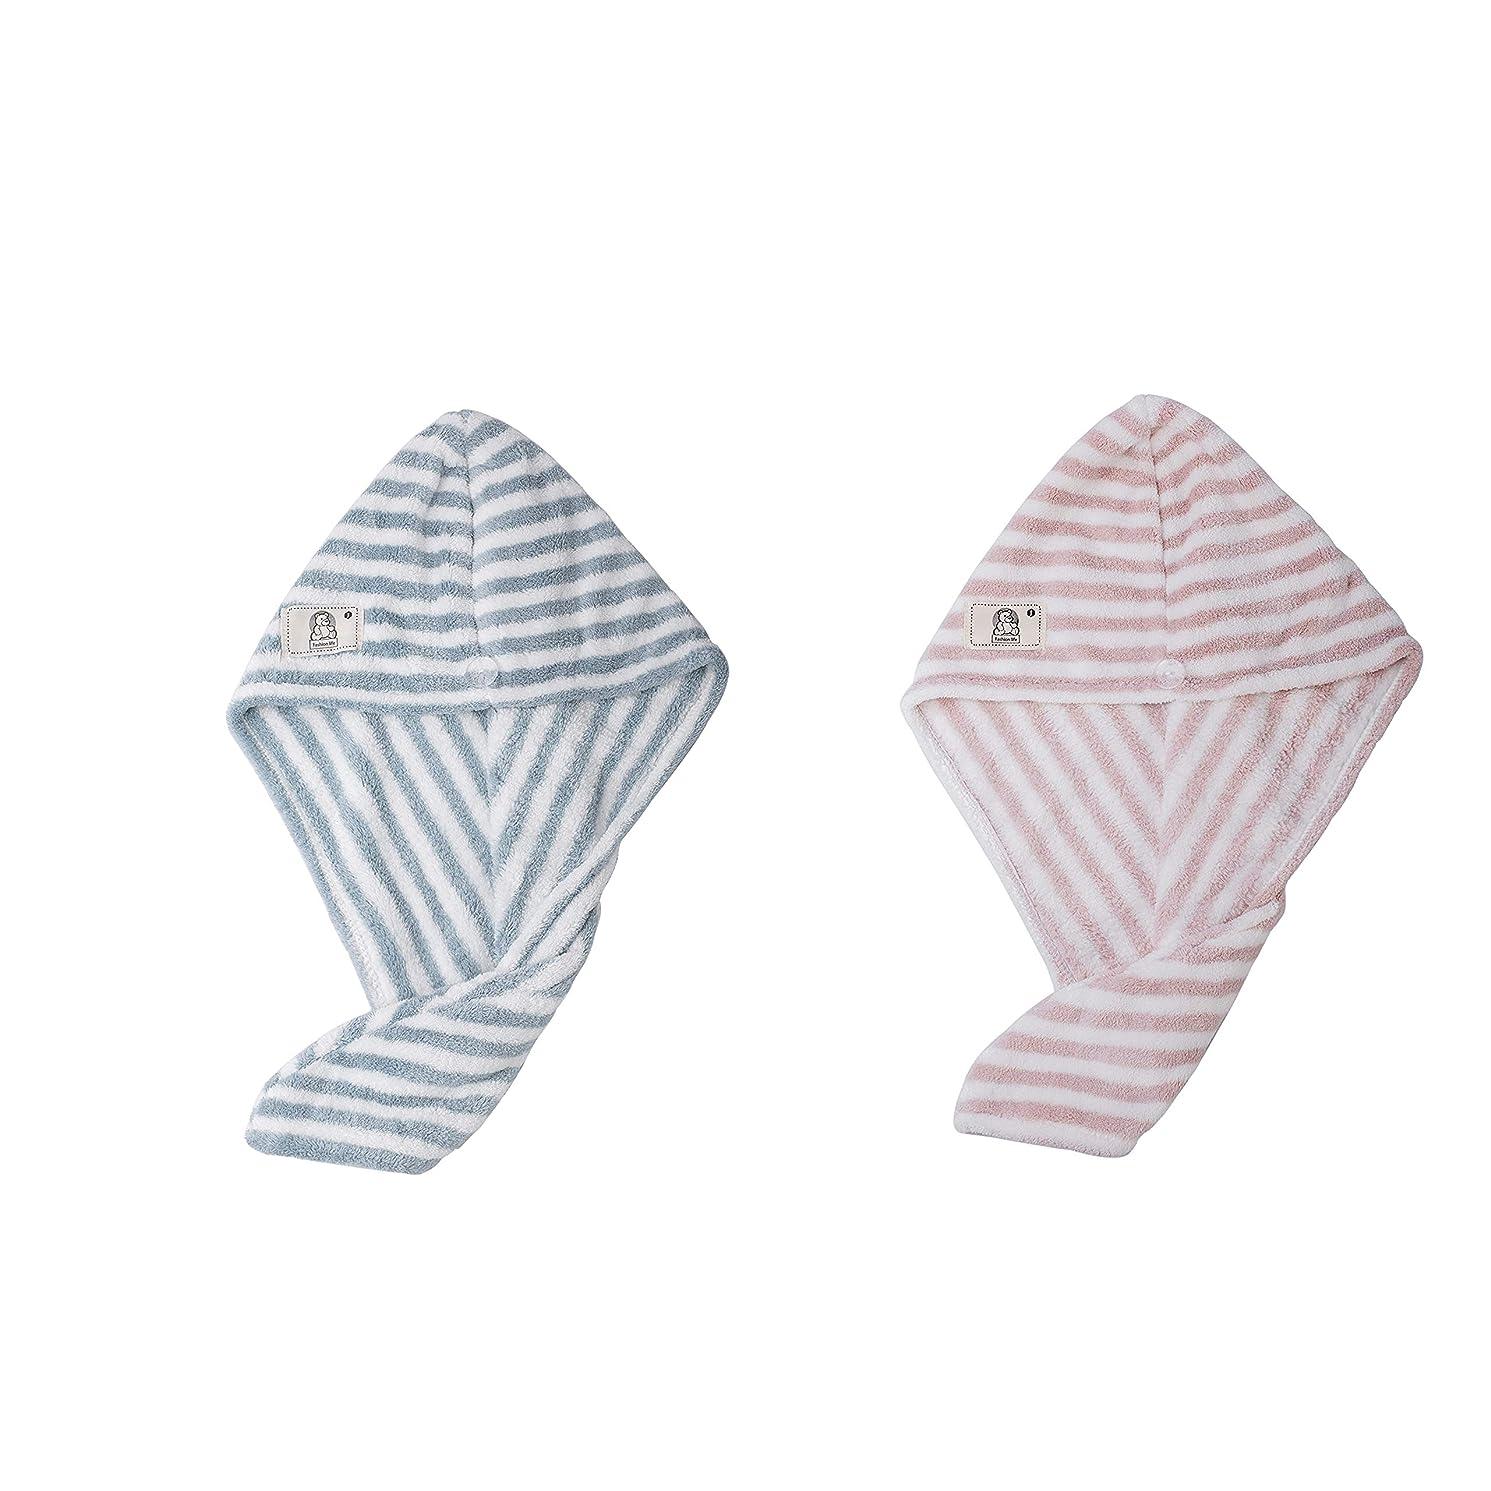 定規飲食店牛ヘアドライタオル 2色2枚セット 強い吸水性 速乾 抗菌防臭 シャワーキャップ タオルキャップ マイクロファイバー ふわふわ 人気 ストライプ 格安 アウトレット まとめ買い(Blue&Pink)